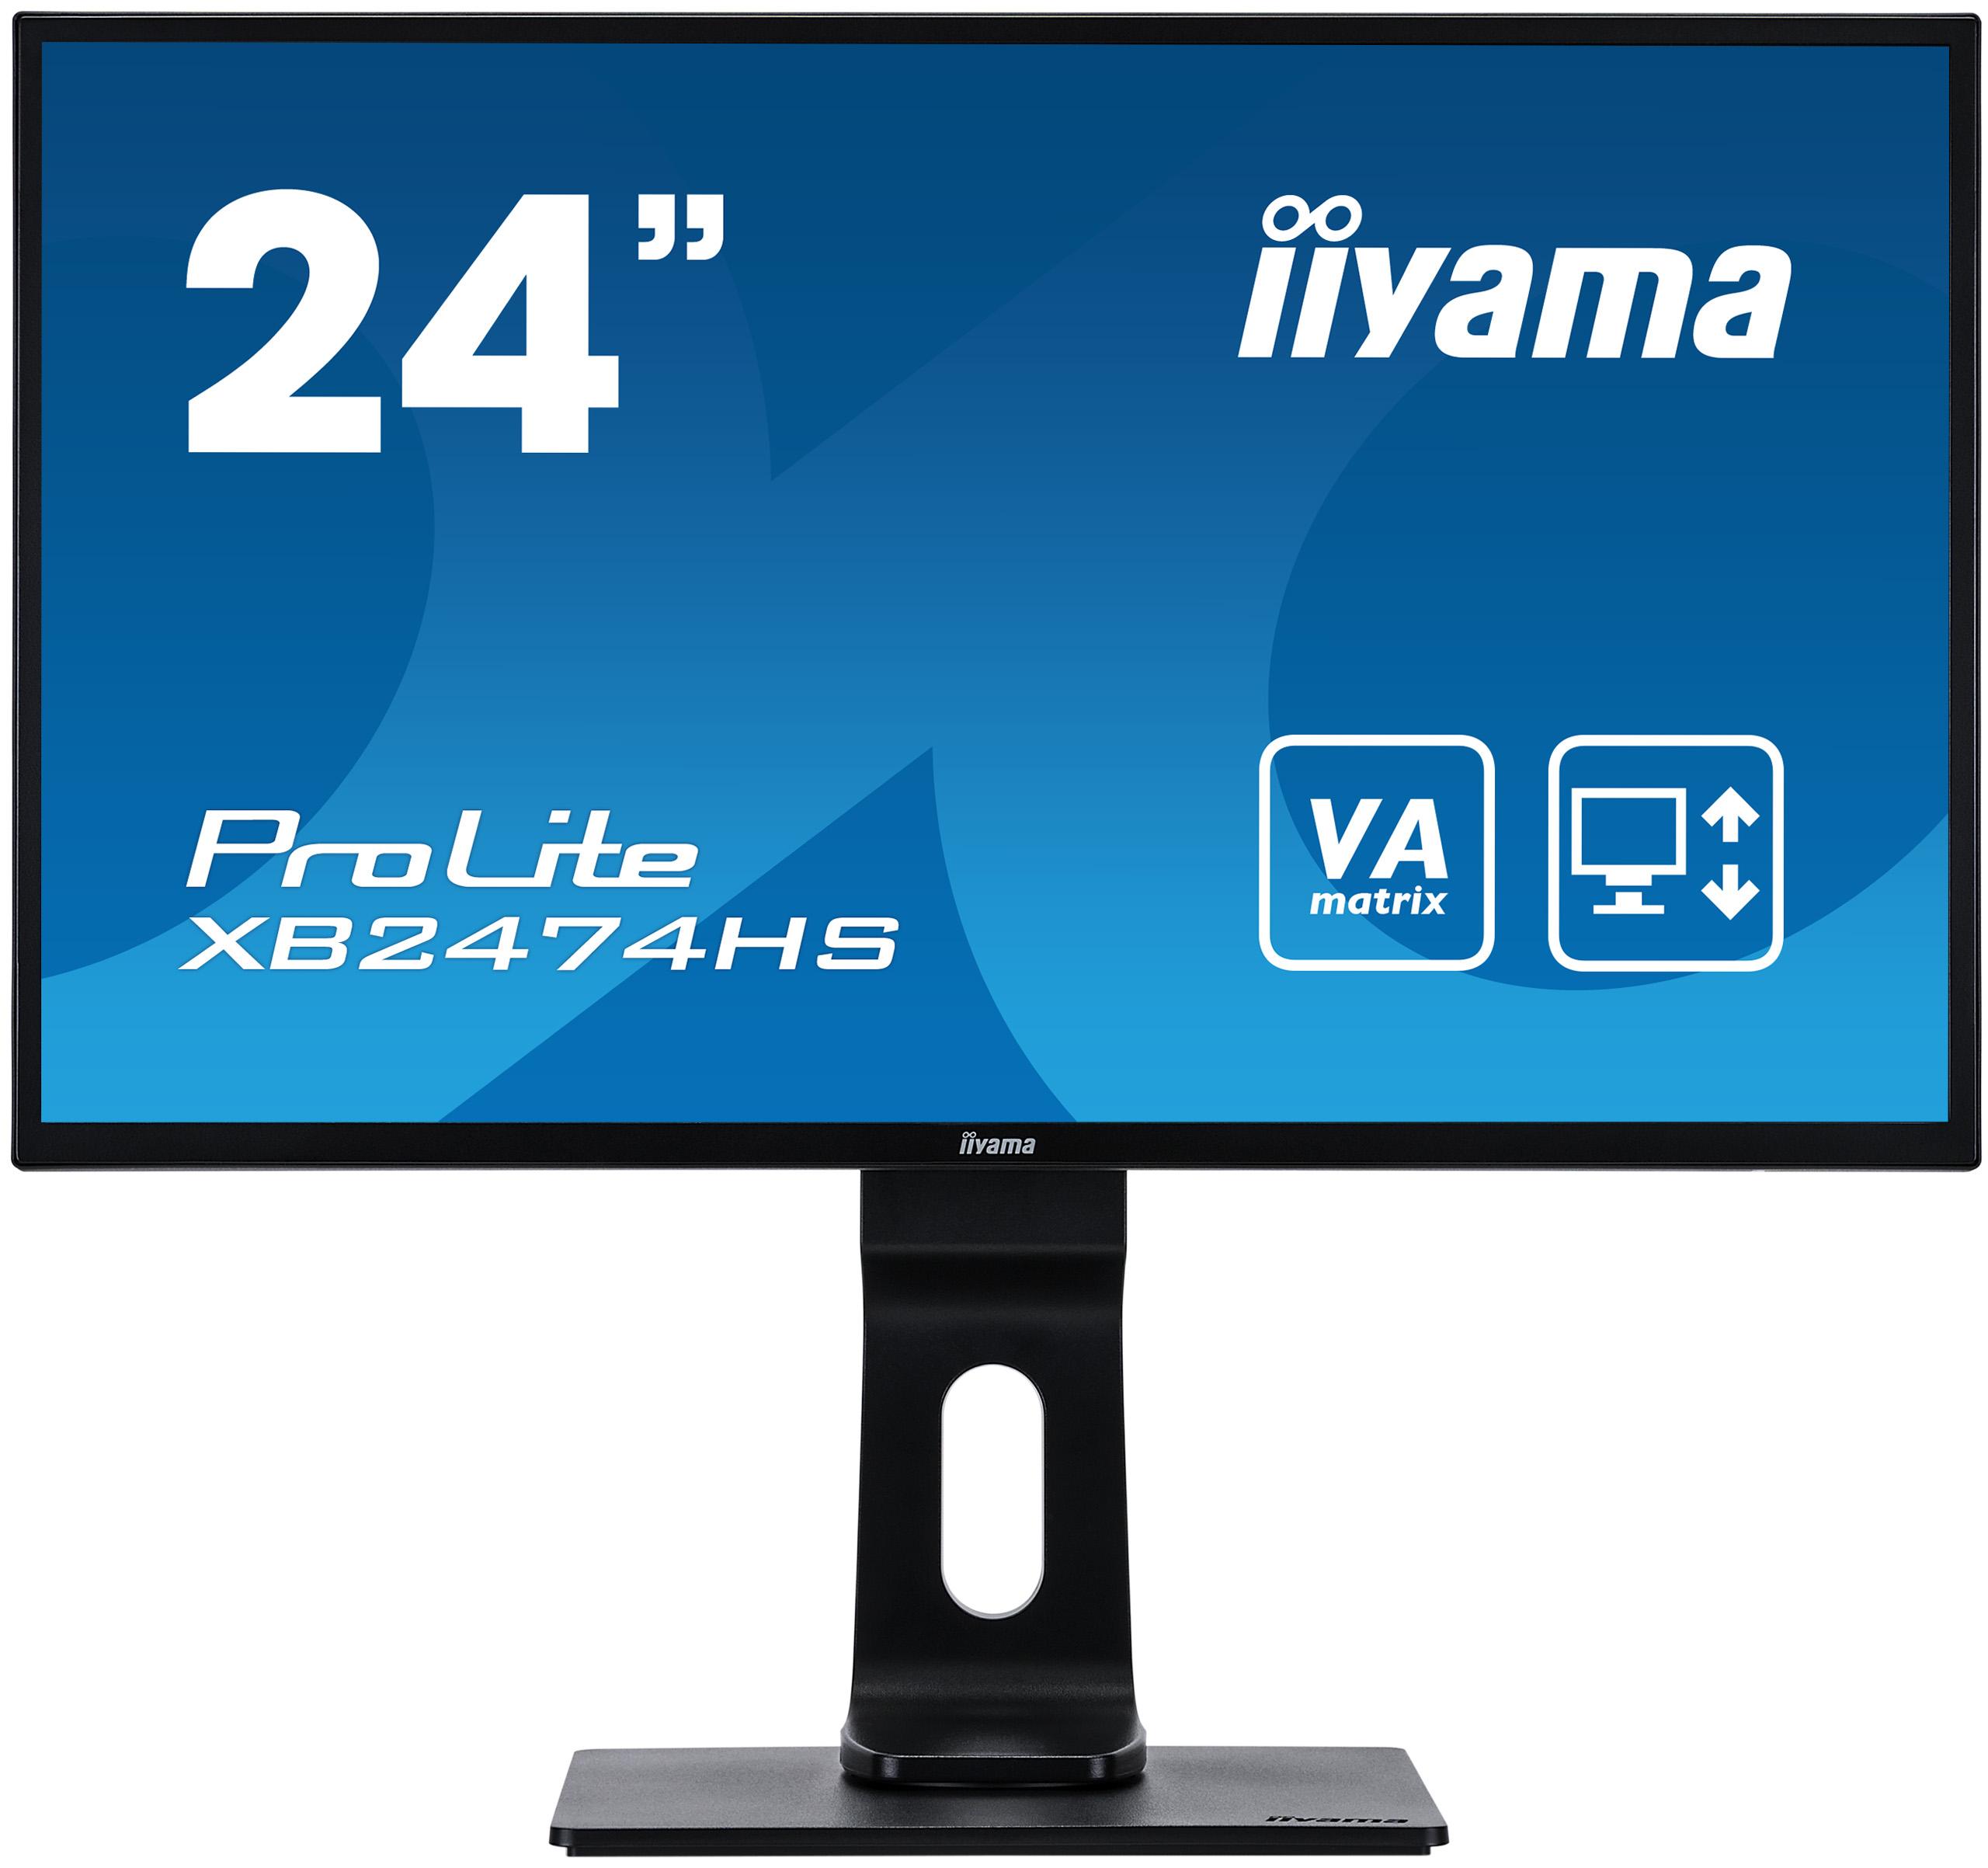 24'' iiyama XB2474HS-B2: VA, FullHD@75Hz, 250cd/m2, 4ms, VGA, HDMI, DP, height, pivot, černý - XB2474HS-B2